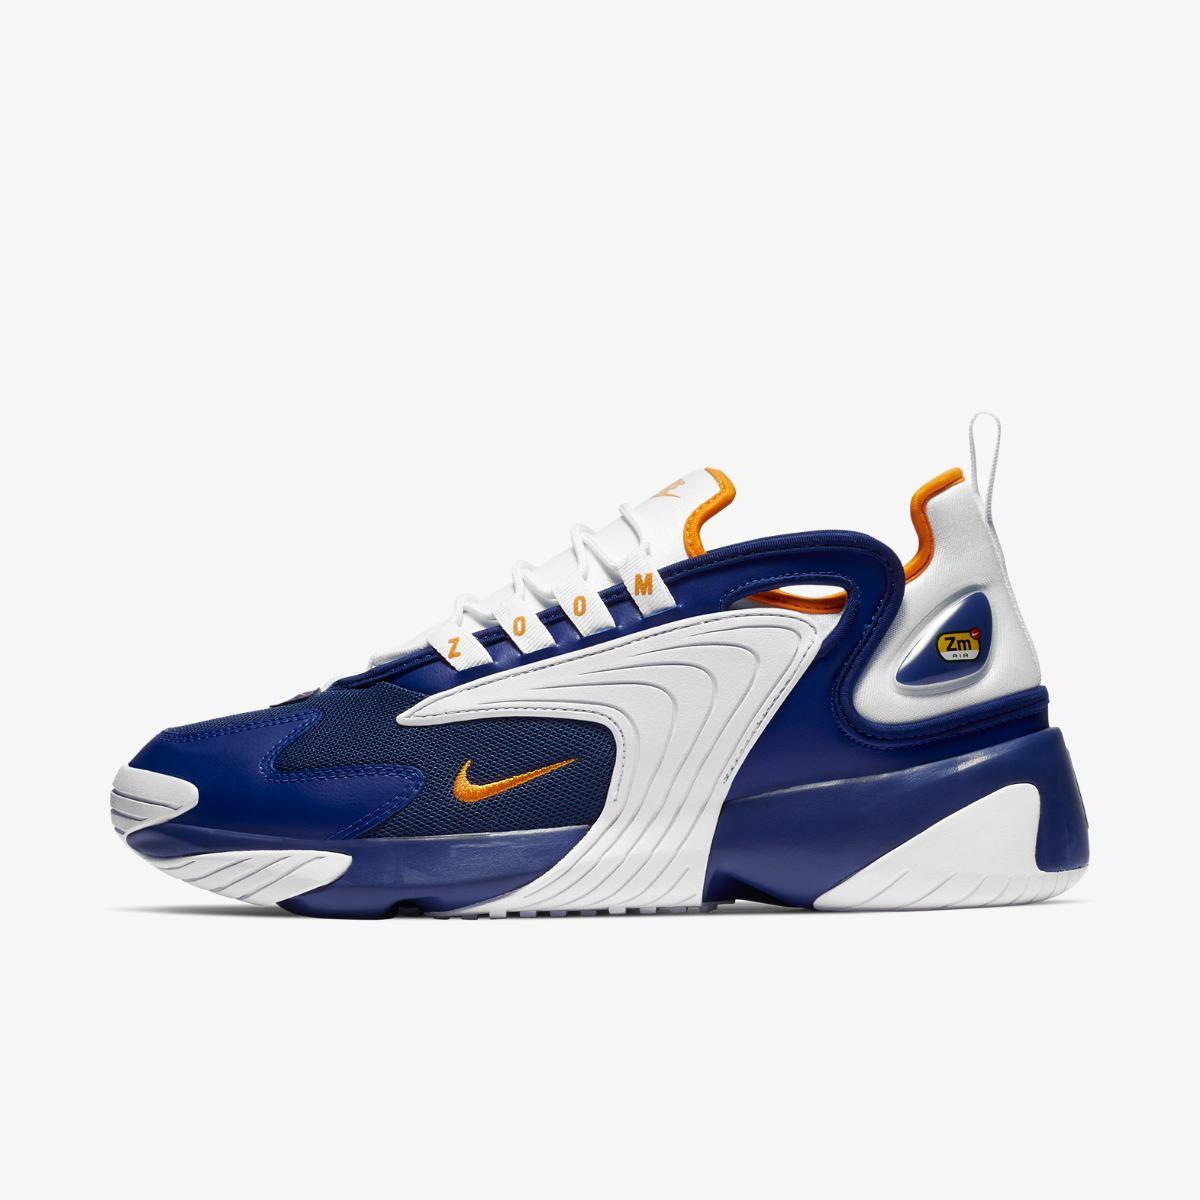 Кроссовки Nike ZOOM 2K AO0269-400 купить   deltasport.ua 12cbad59e1d